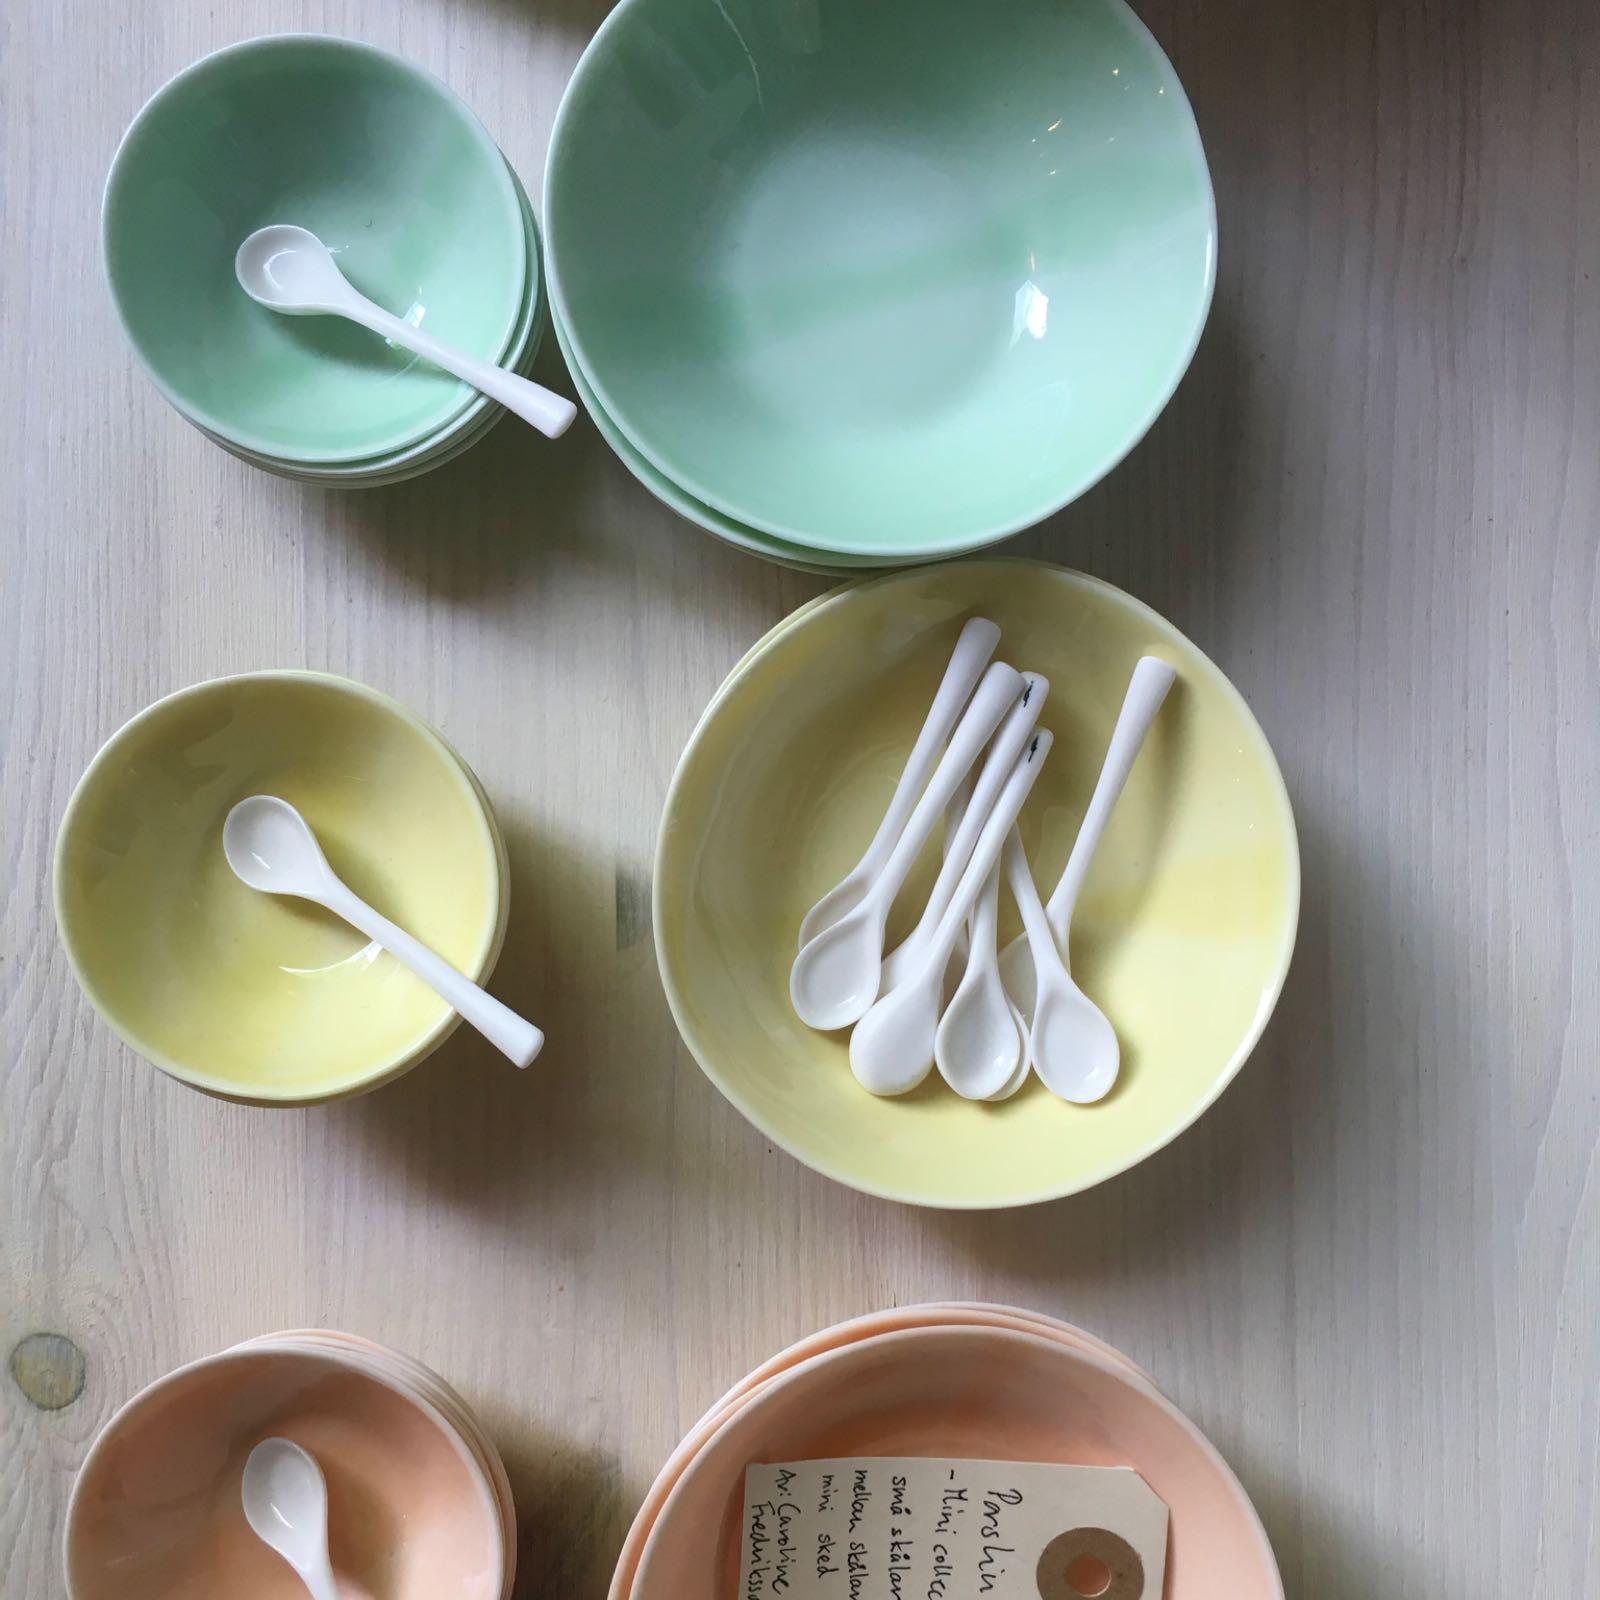 Caroline Fredriksson, Mini collection